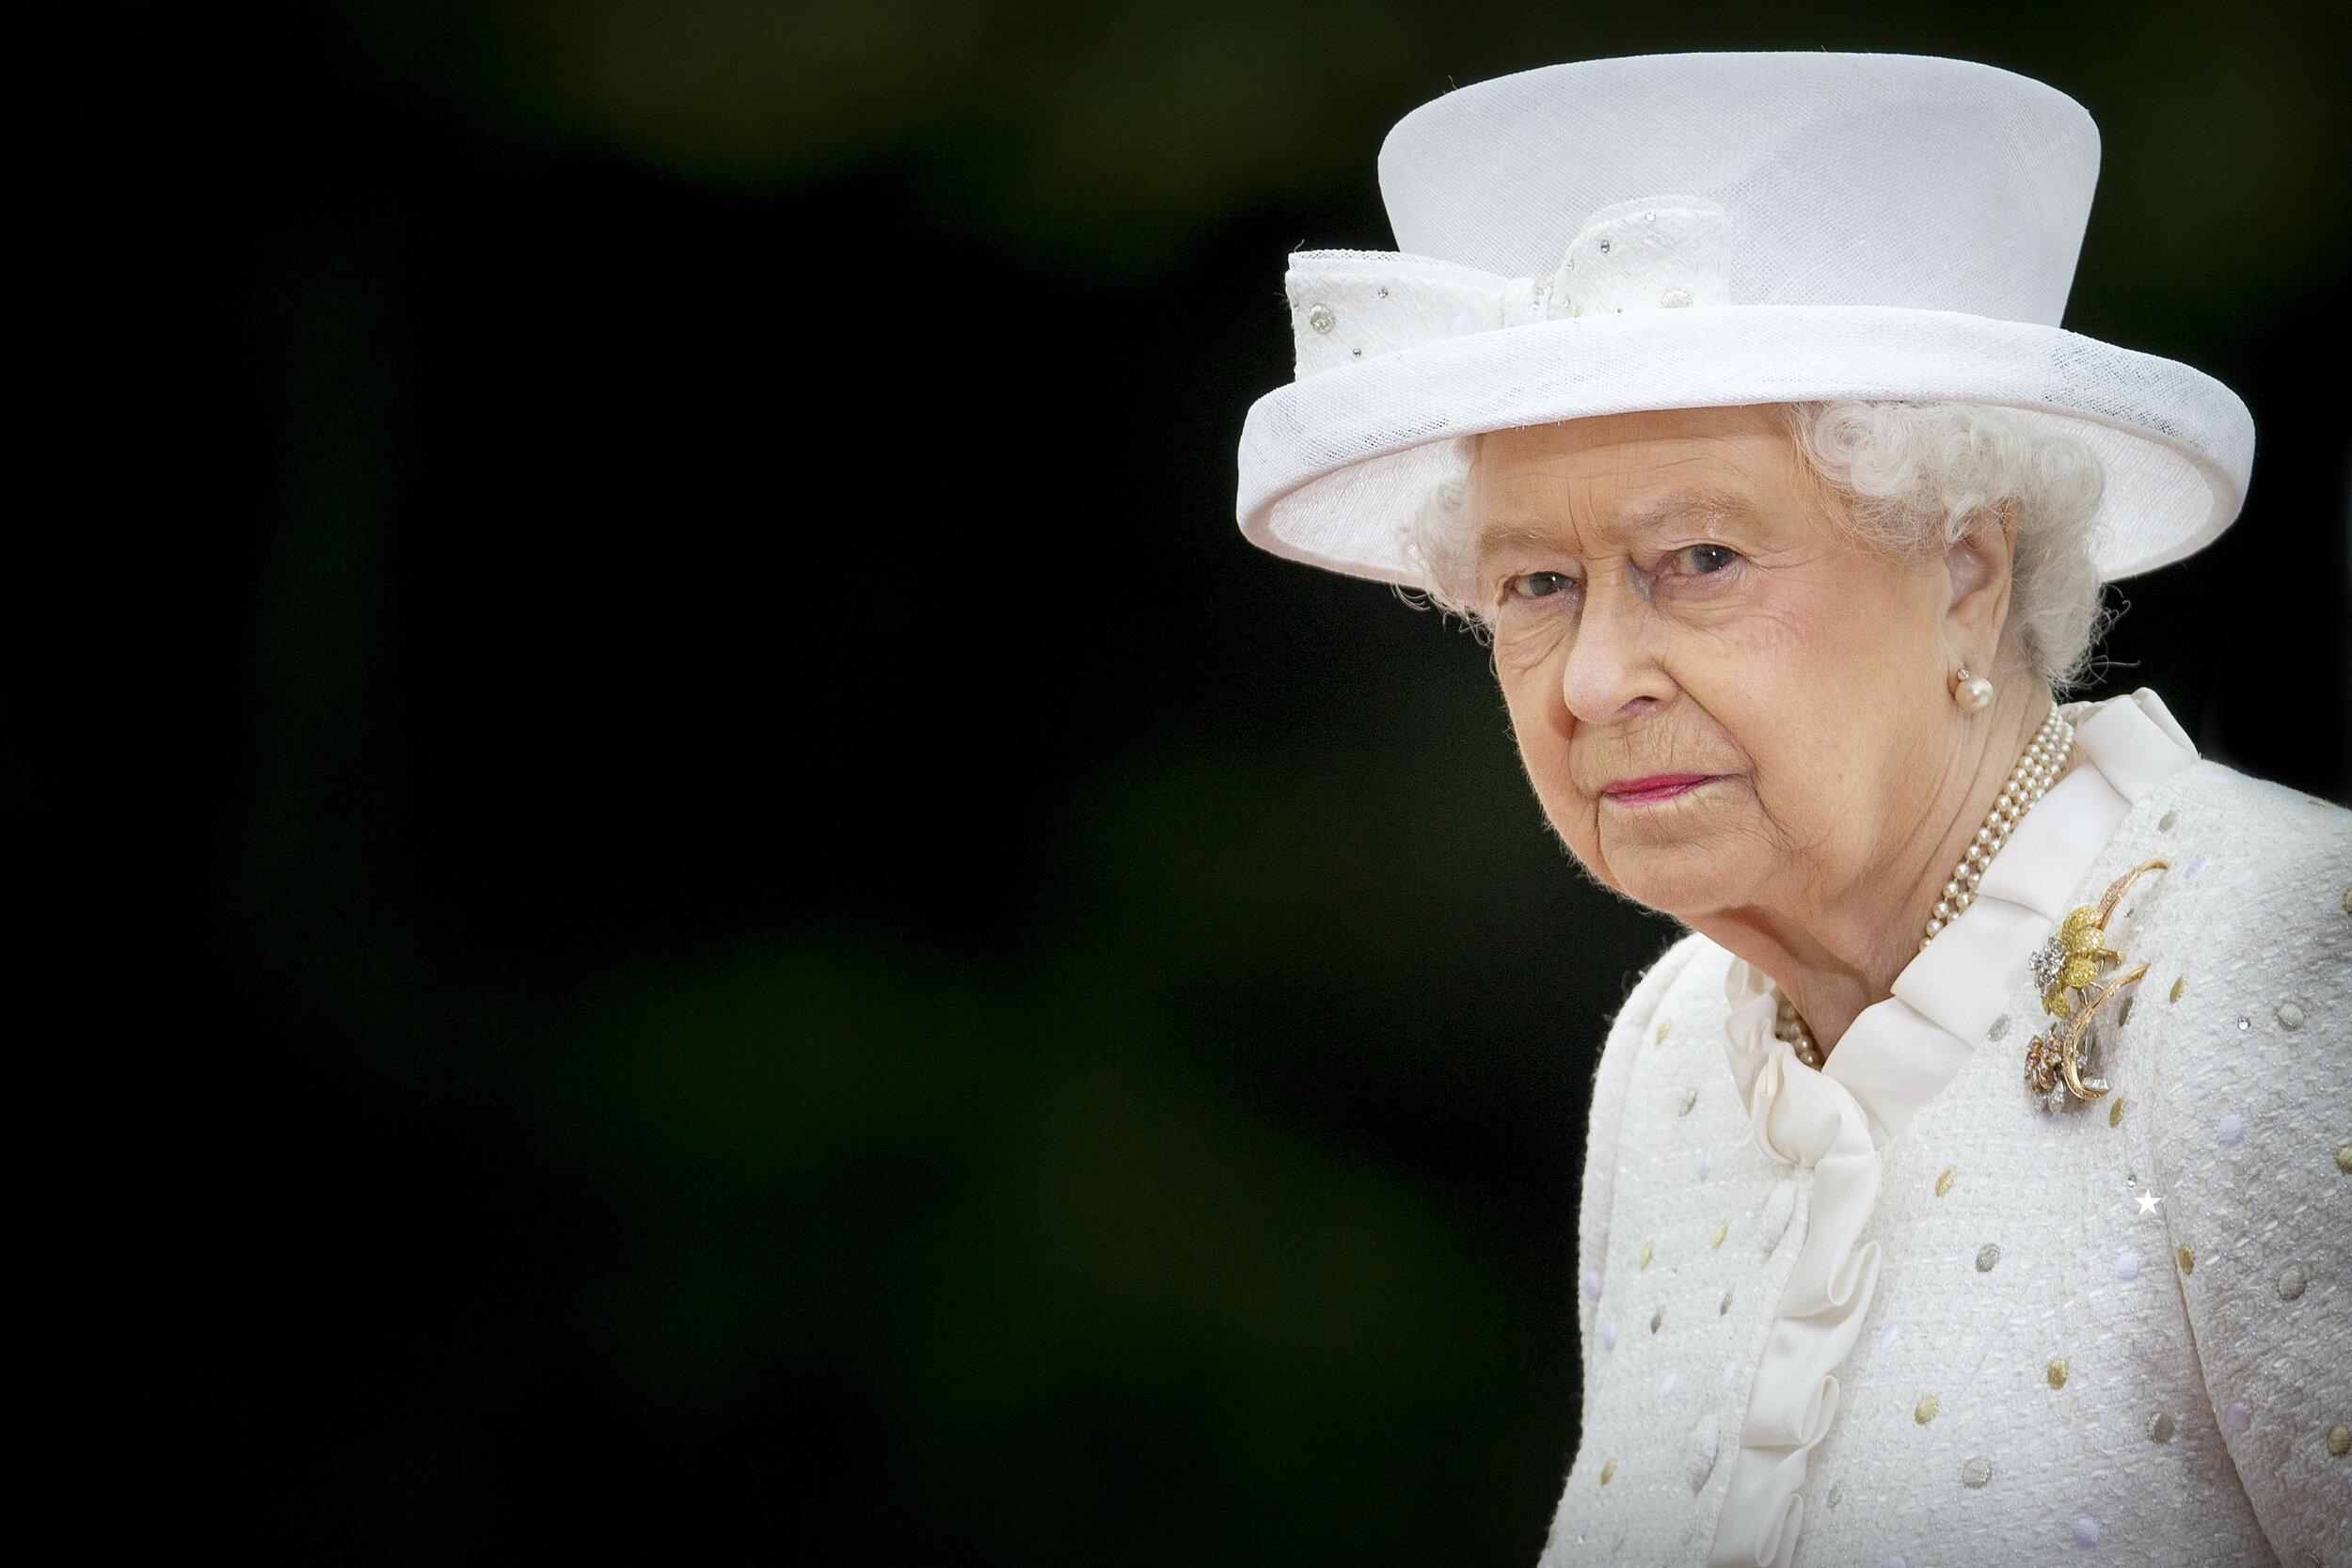 Queen Elizabeth hatte 2019 wenig zu lachen. Ihre Familie sorgte immer wieder für hässliche Schlagzeilen.  © dpa